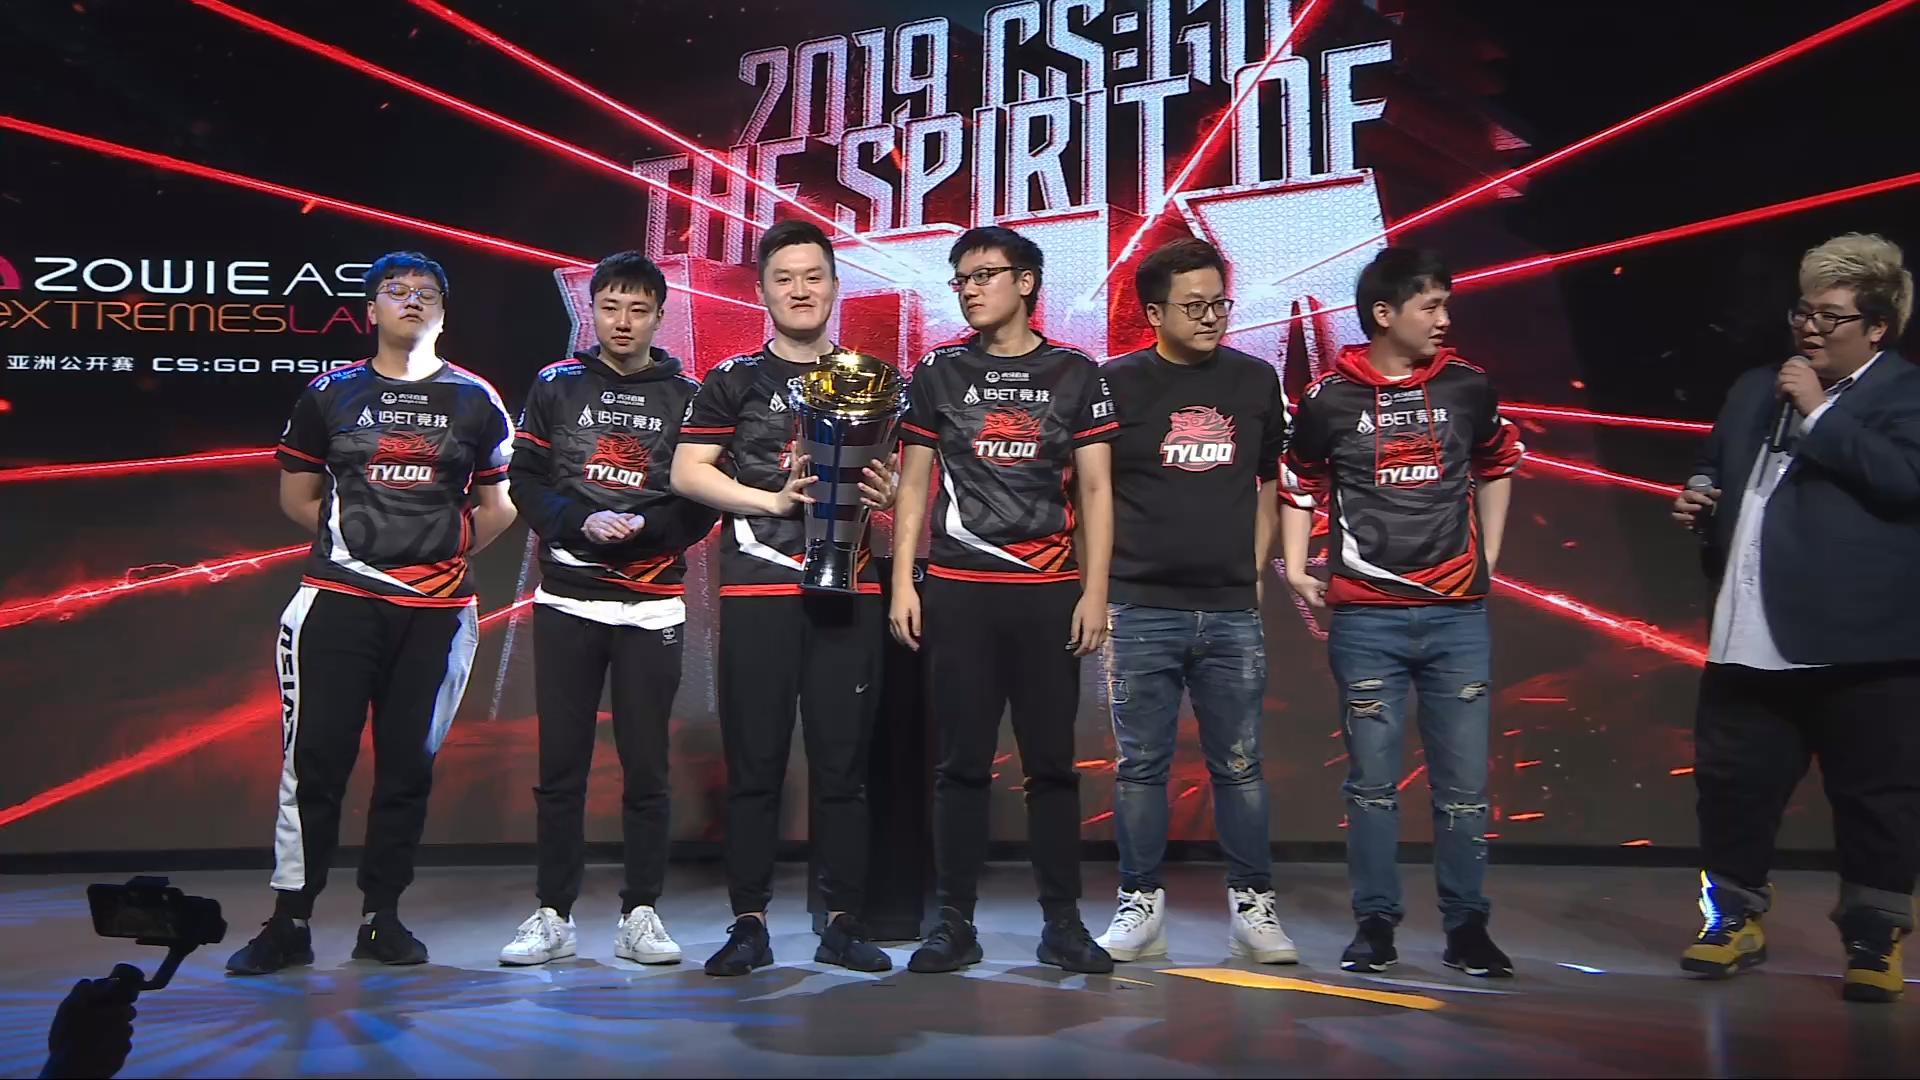 Tyloo đánh bại ViCi để trở thành nhà Vô địch Zowie eXTREMESLAND Asia